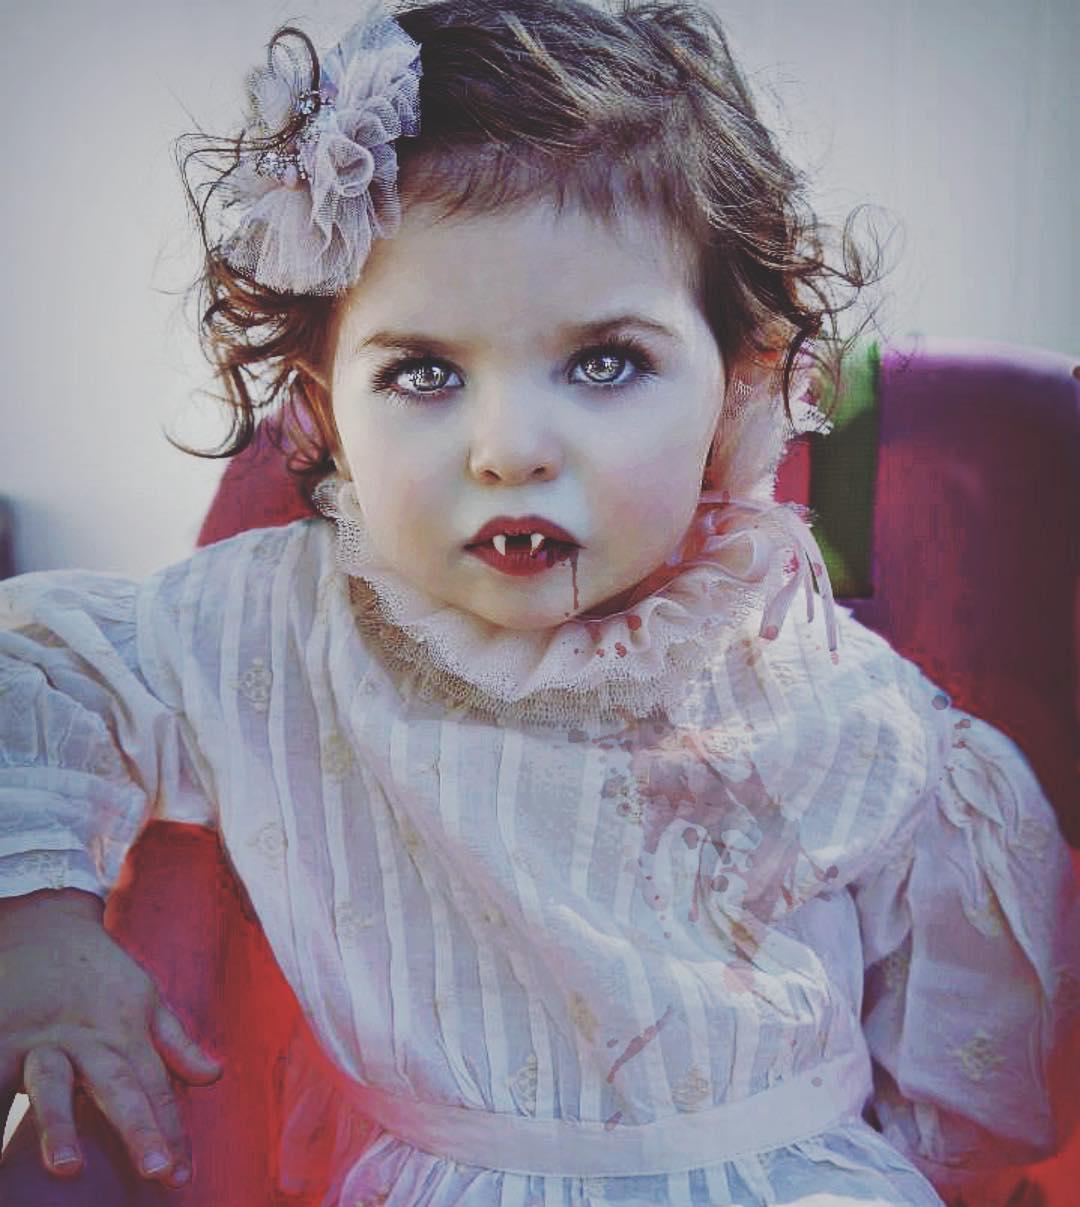 Spooky mumma's little Vampire.